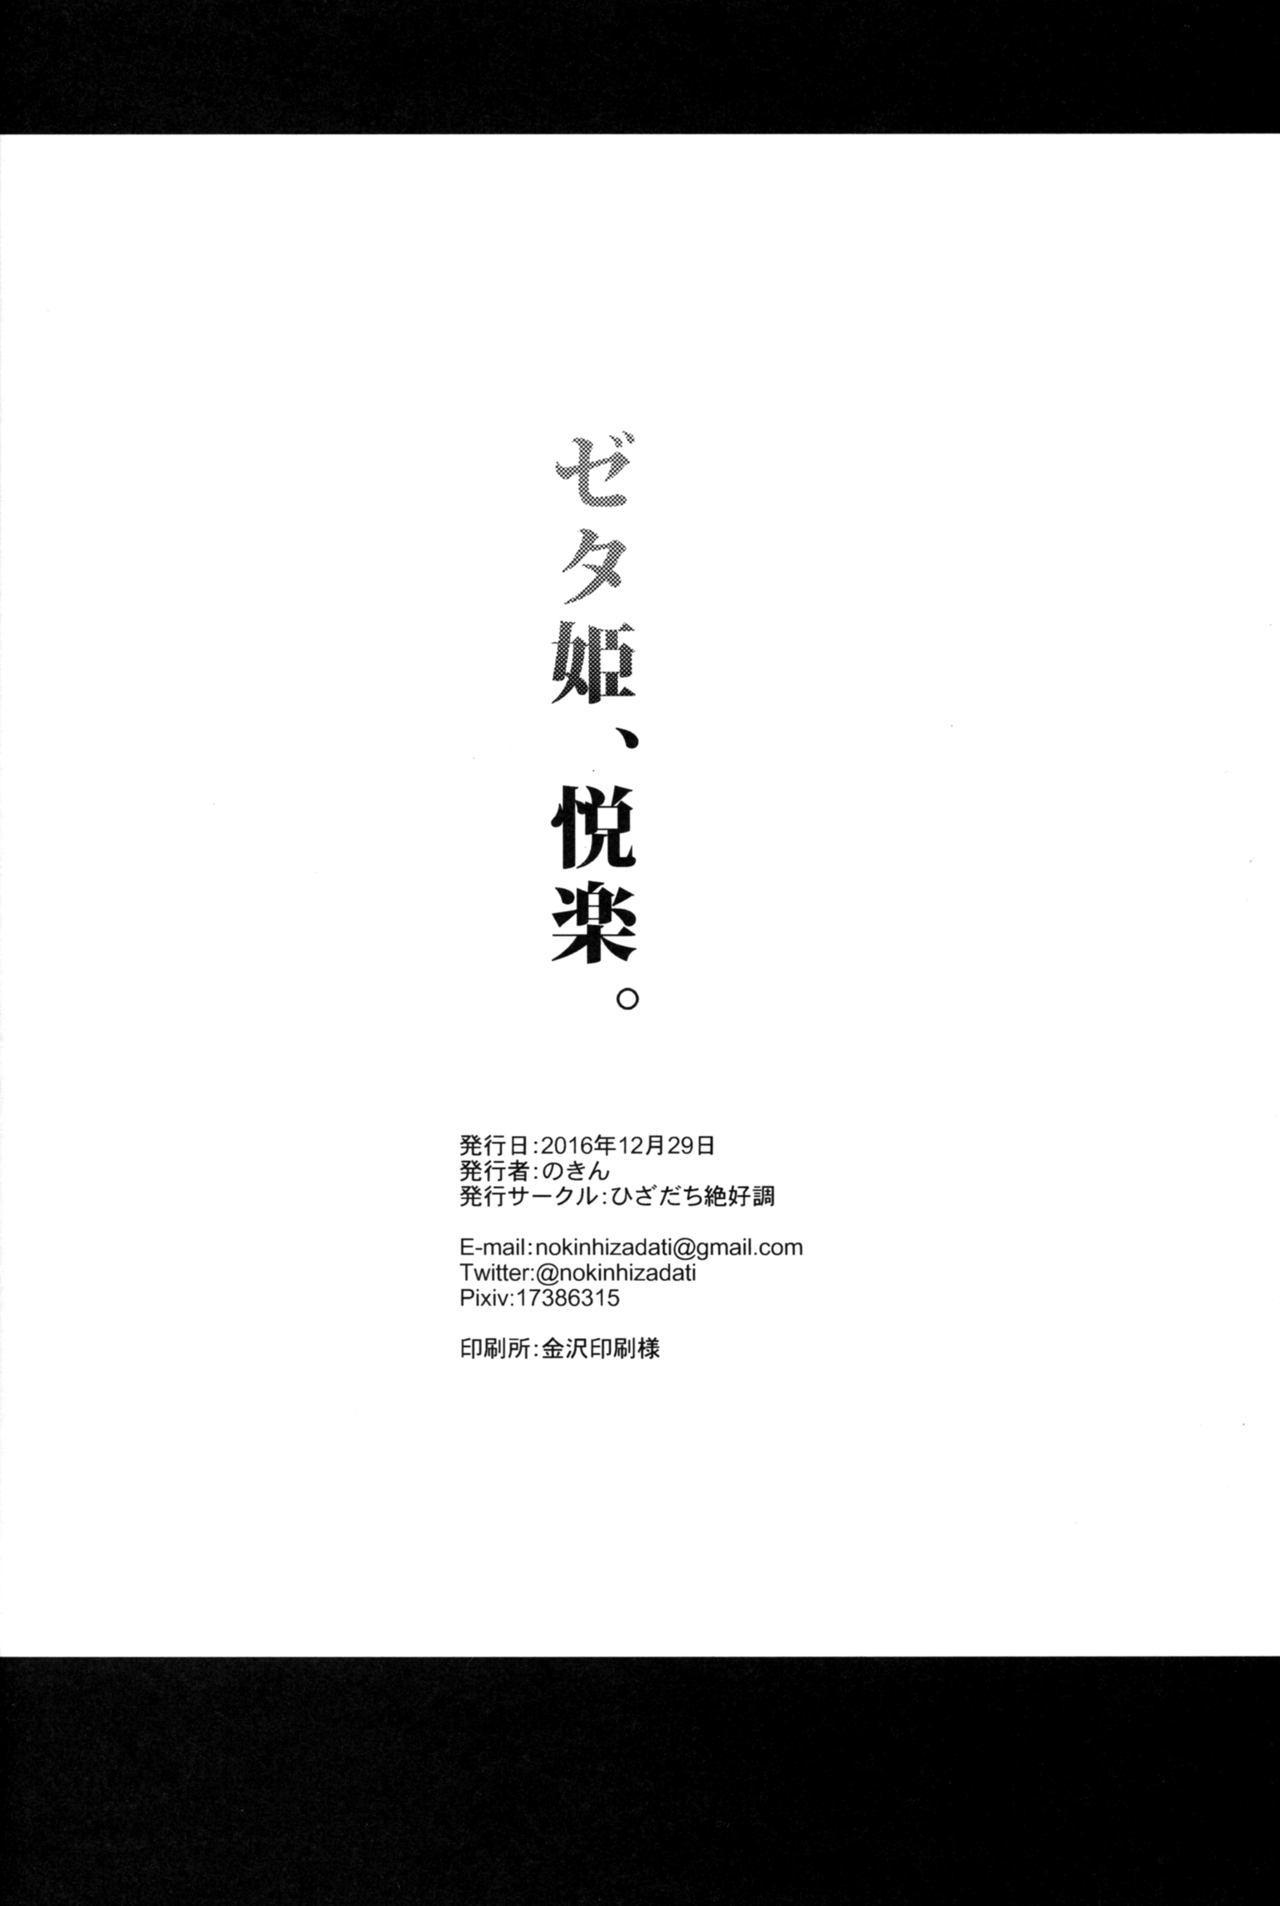 Zeta-hime, Etsuraku. 25